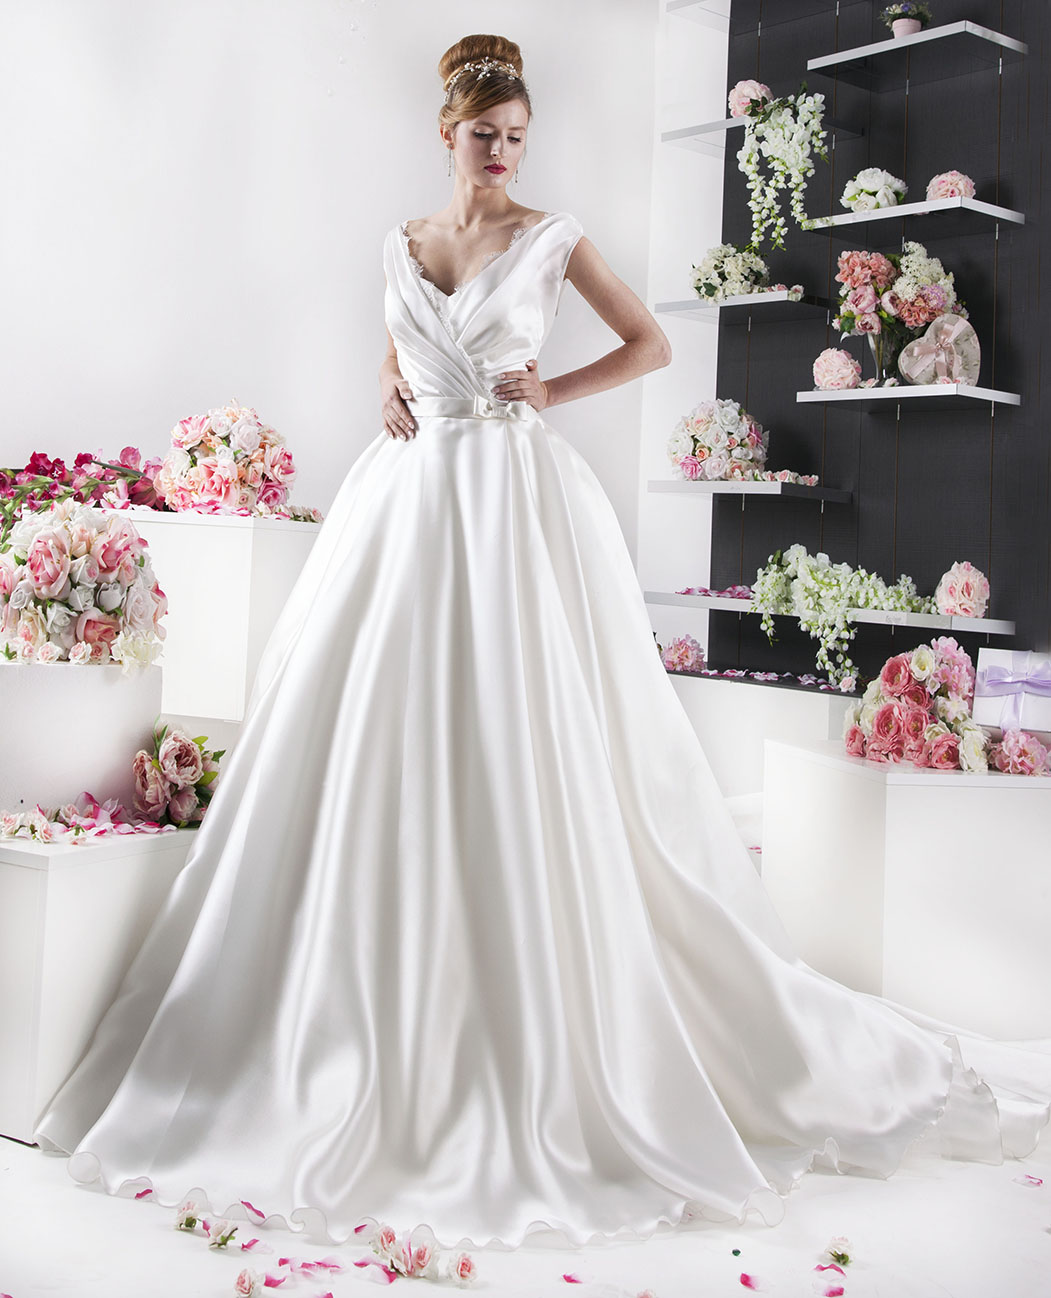 Quel accessoire choisir pour compléter sa robe de mariée  - Robe Paris 9f71019bd1b